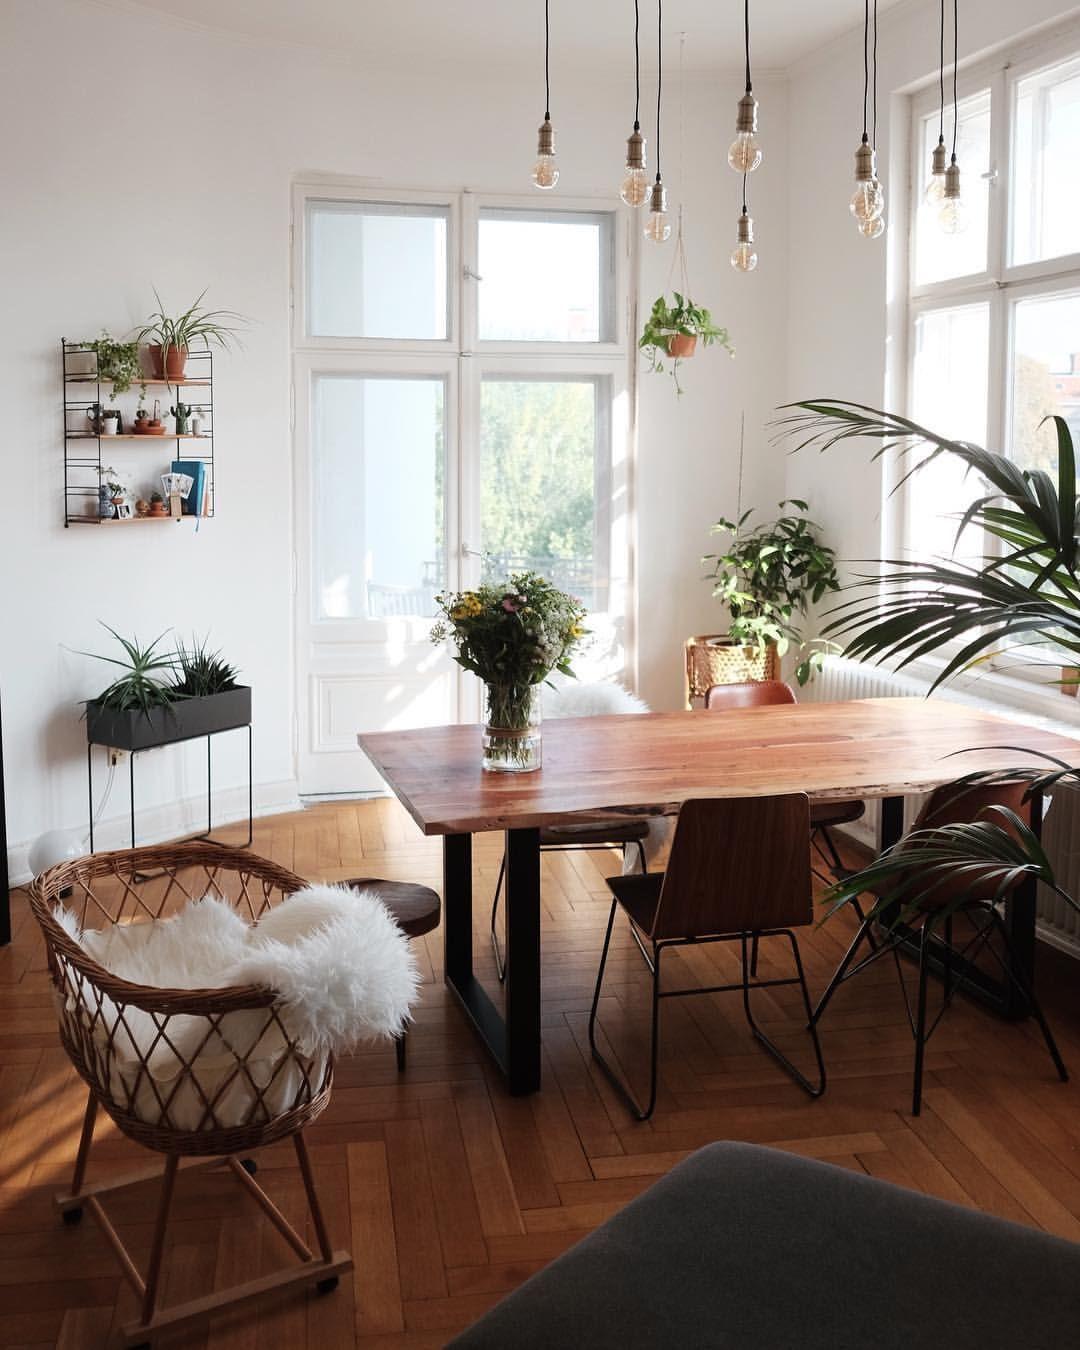 Wohnzimmer Essecke Einrichten   nandanursinggroup